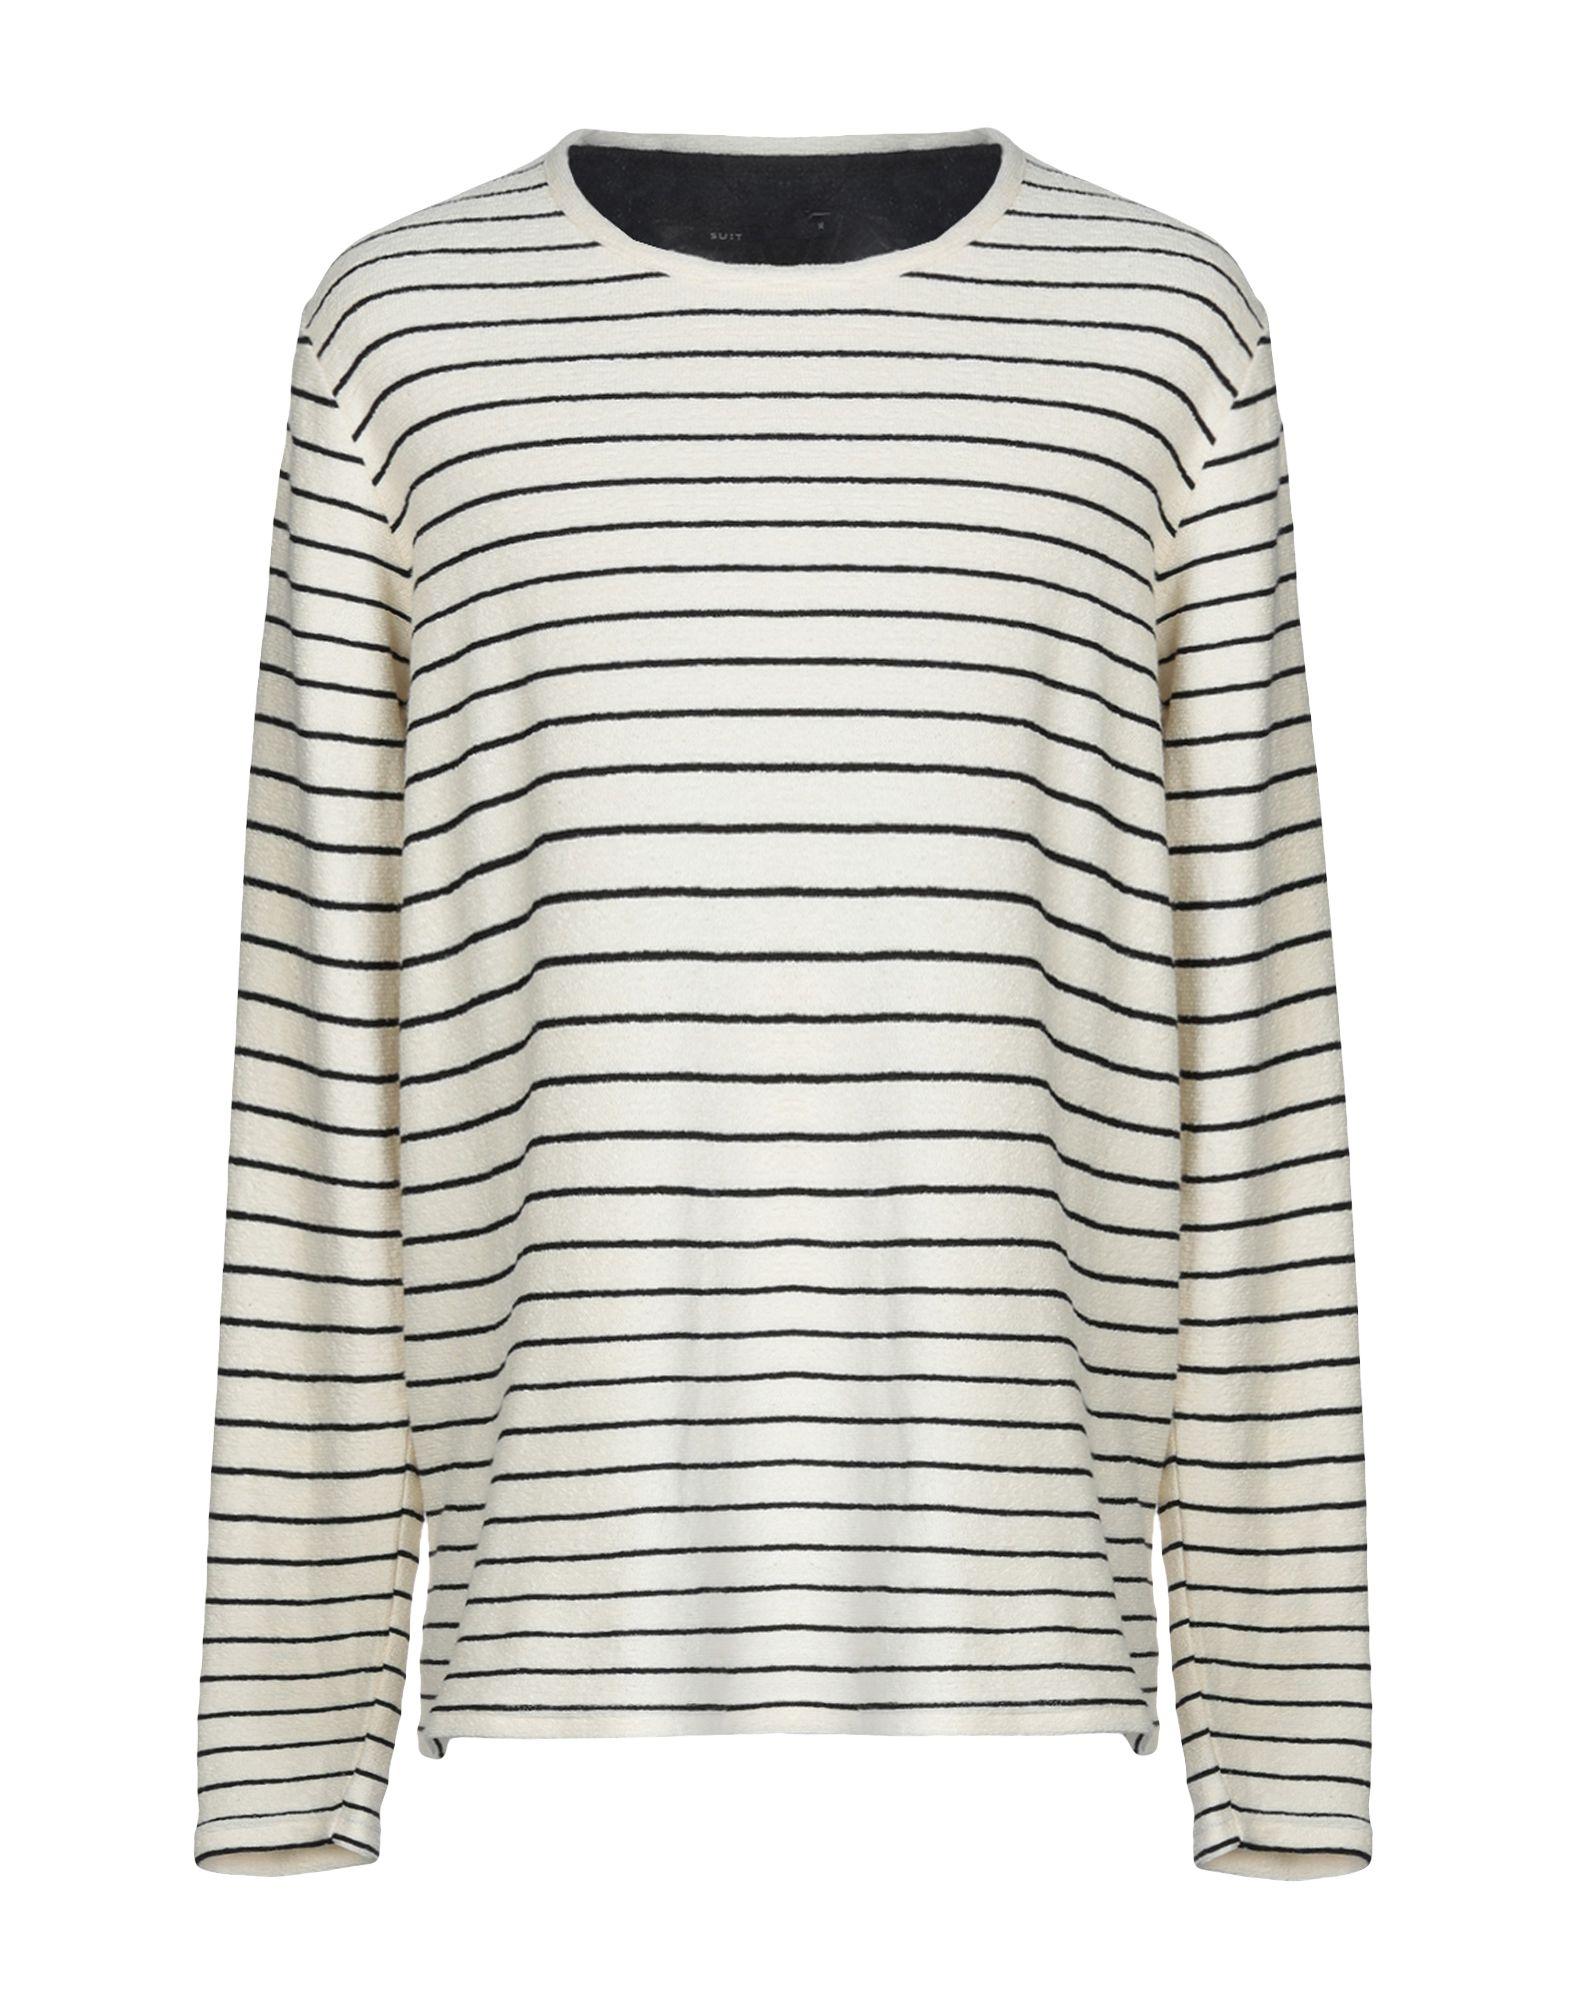 《送料無料》SUIT メンズ スウェットシャツ アイボリー XL コットン 100%